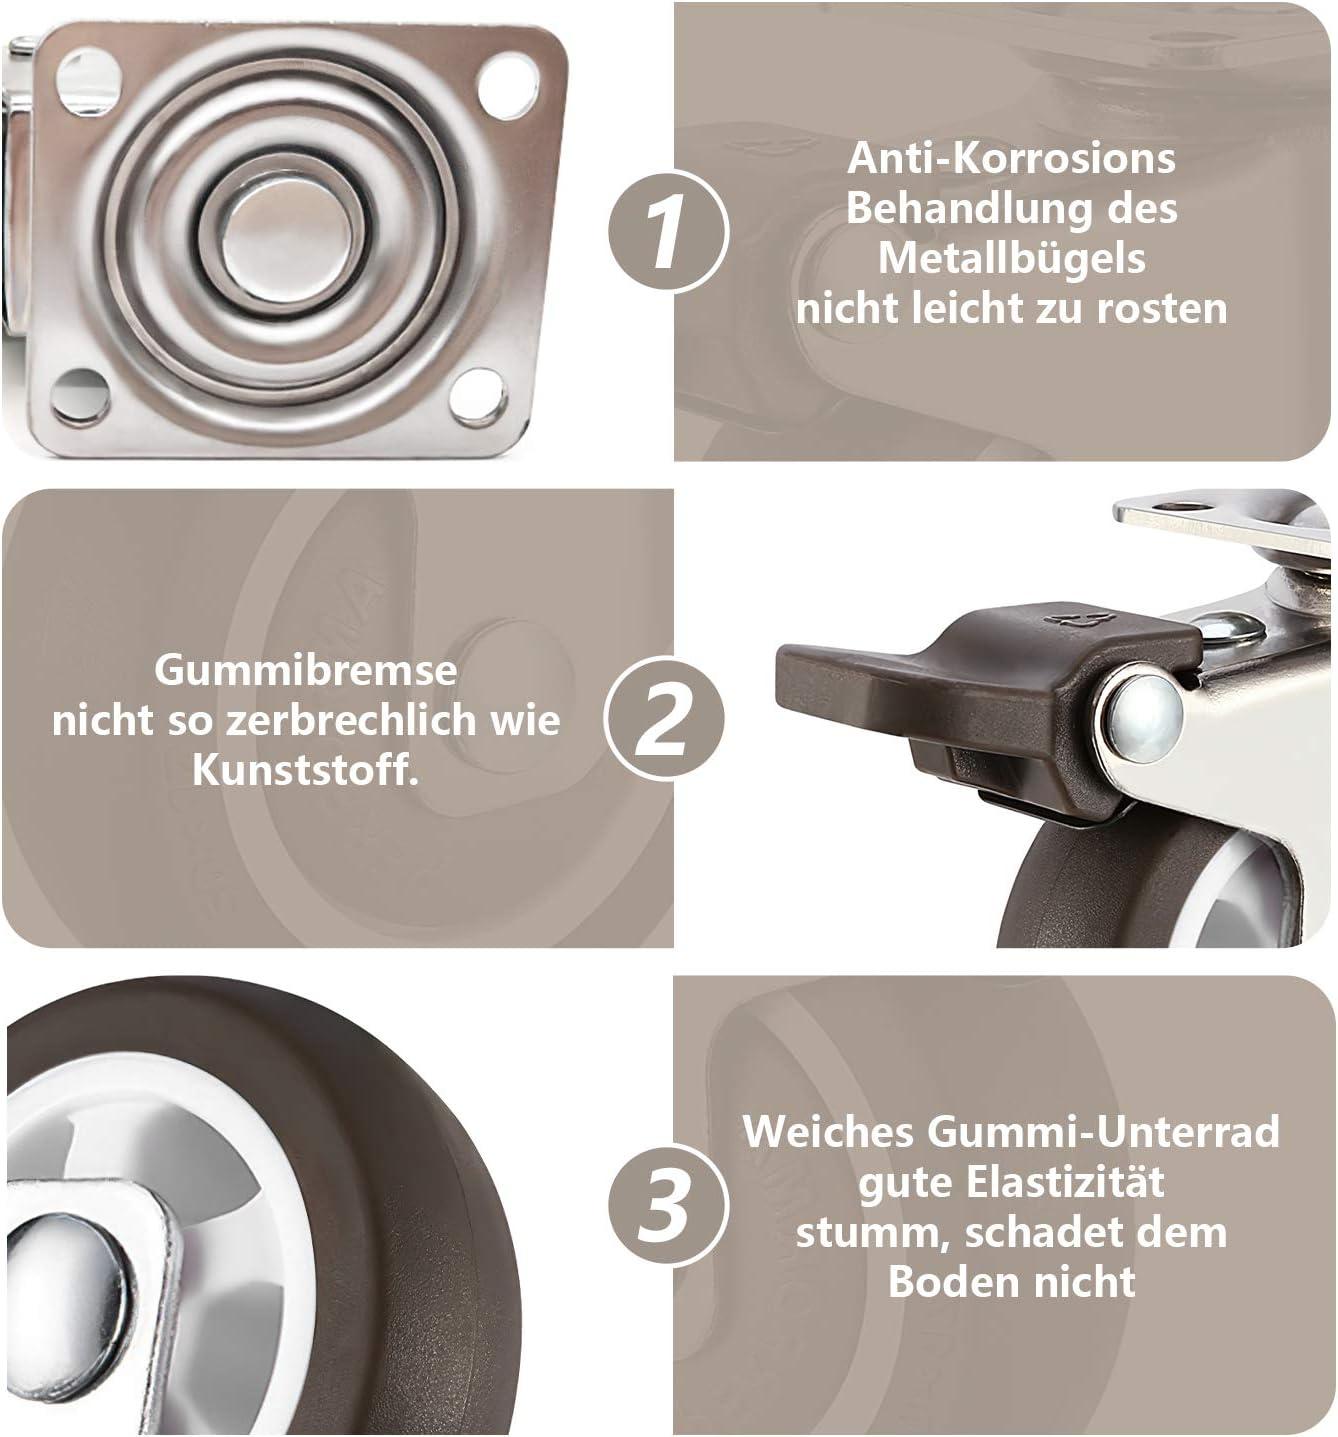 25mm FTSPORTS Transportrollen M/öbelrollen 25mm 4 st/ück rollen mit bremse f/ür m/öbel trolley shopping cart